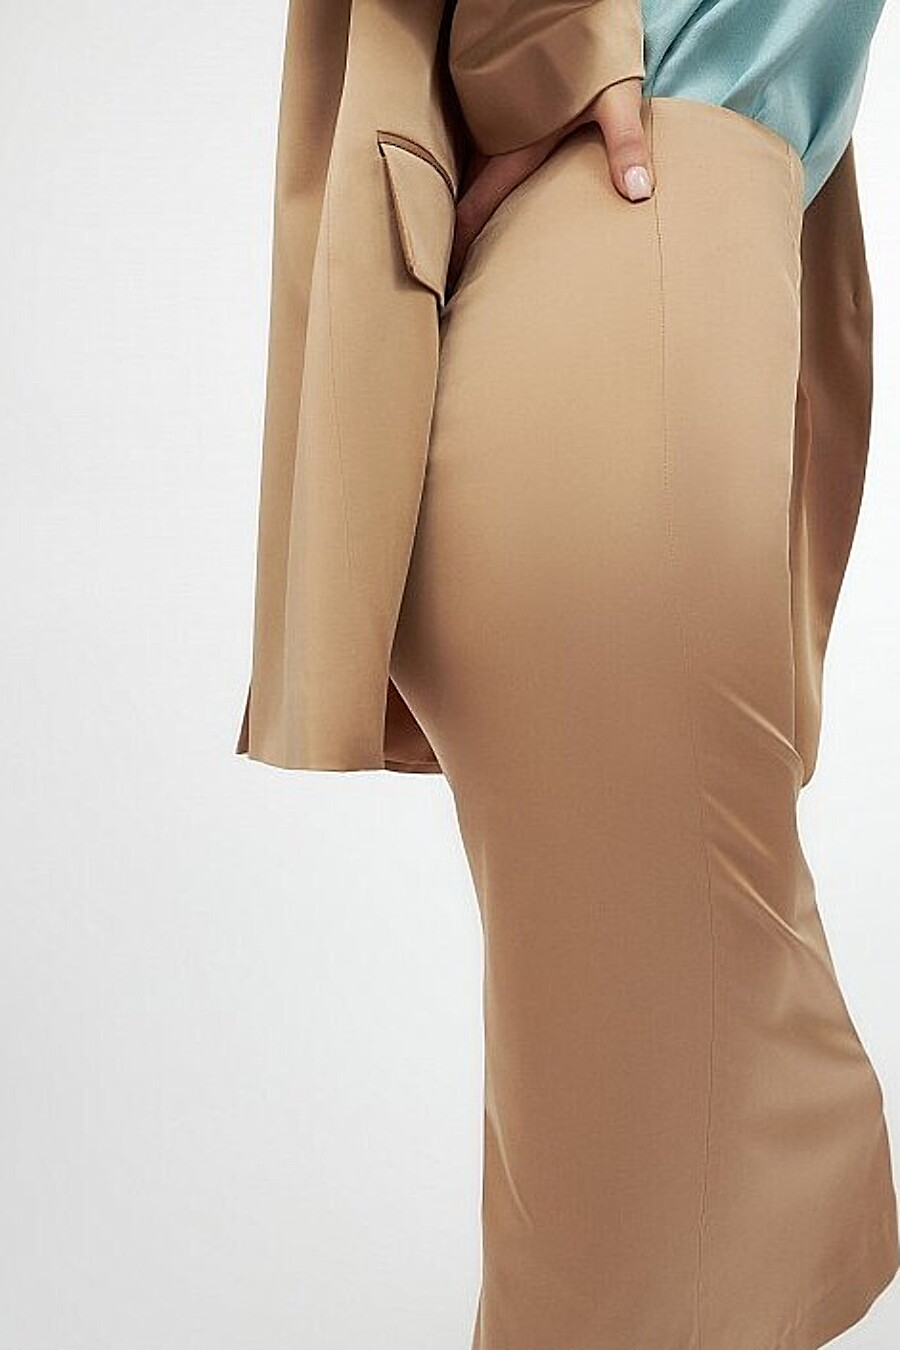 Юбка для женщин CALISTA 348447 купить оптом от производителя. Совместная покупка женской одежды в OptMoyo